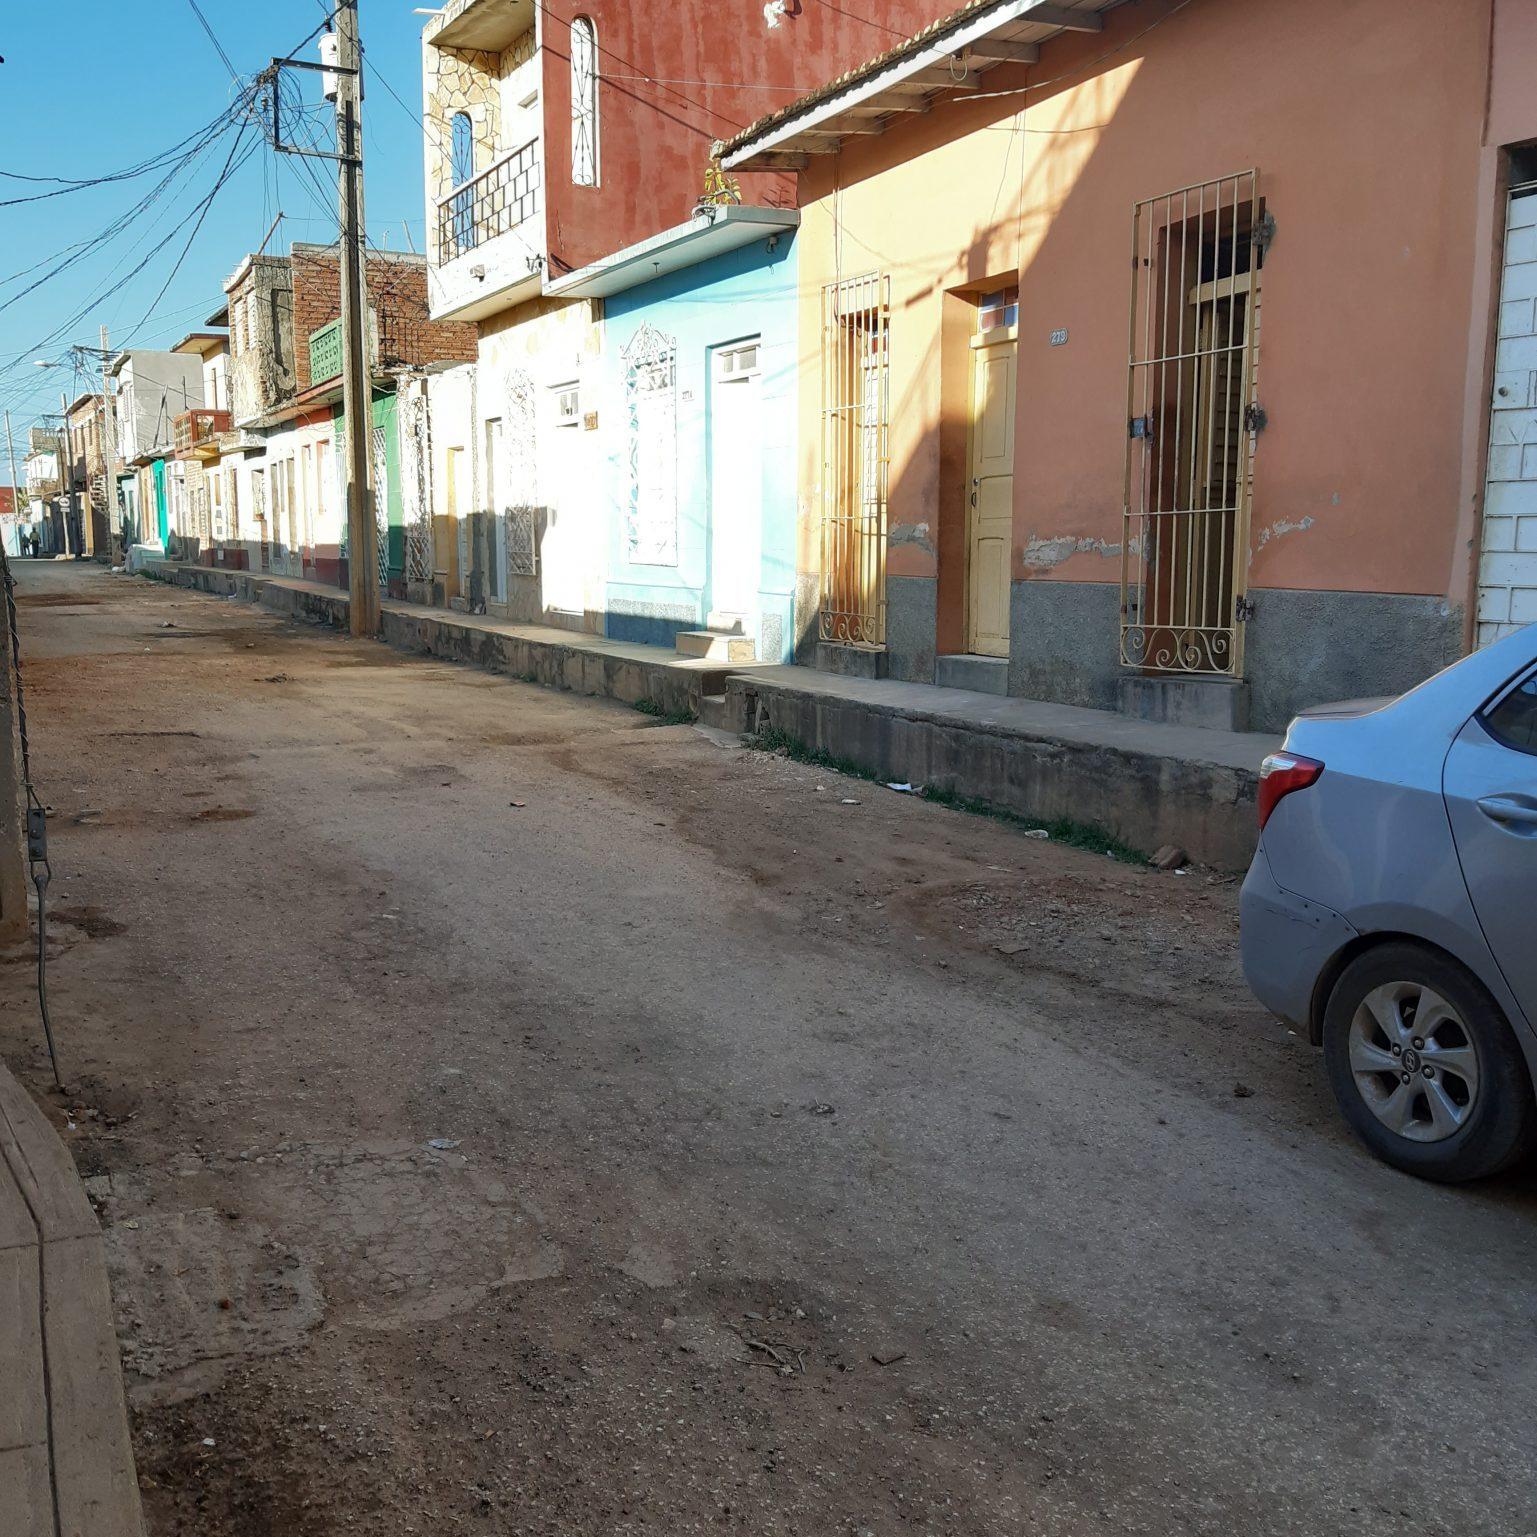 Trinidad Straße